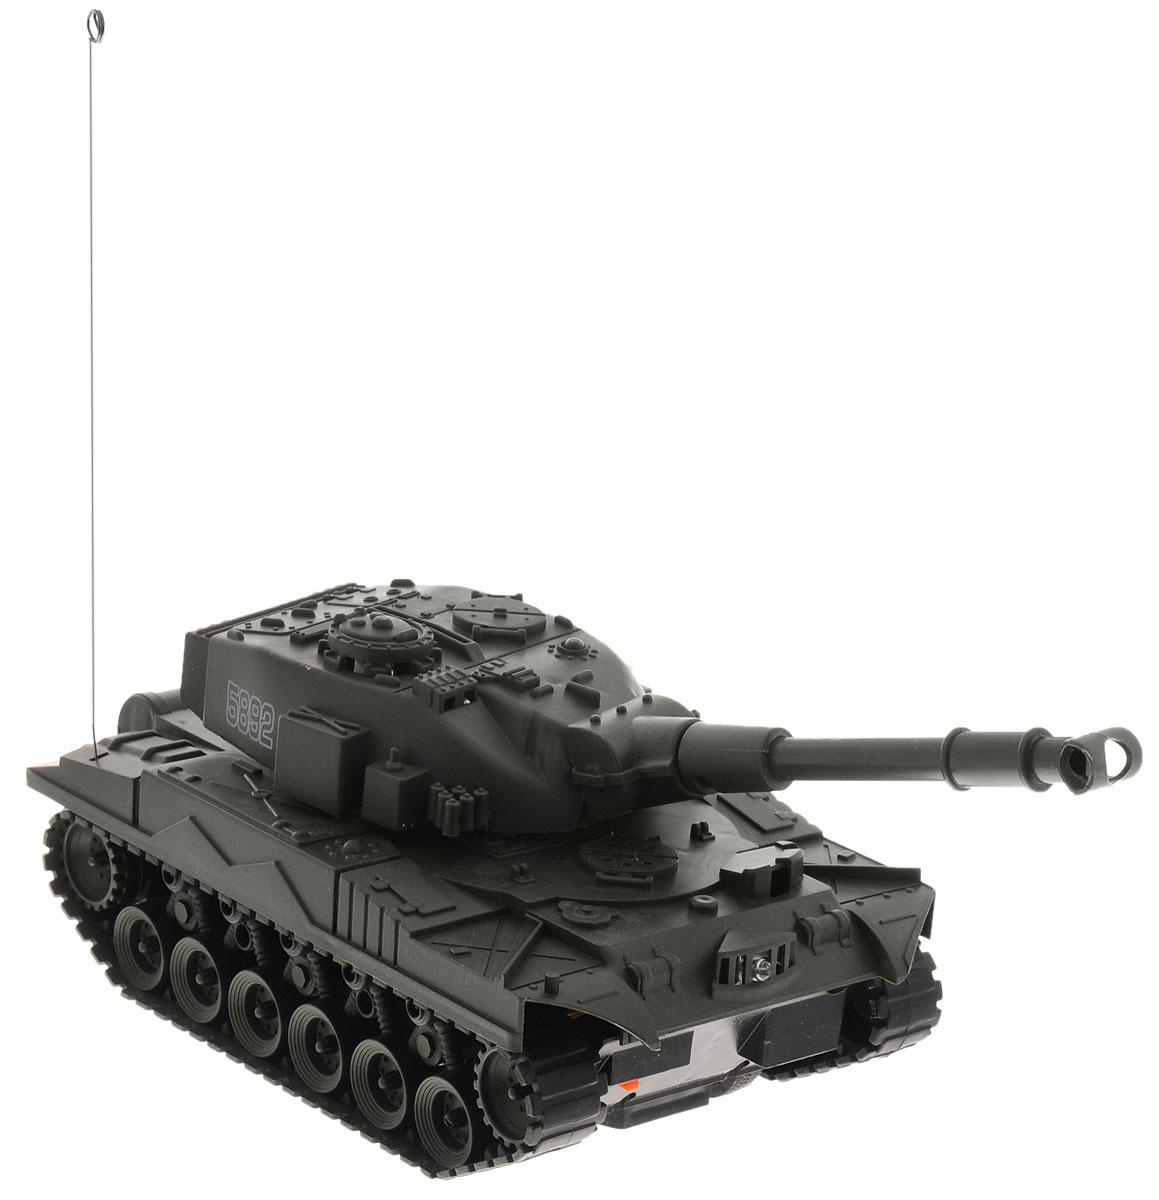 Junfa Toys Танк на радиоуправлении Super Power Panzer цвет темно-зеленый